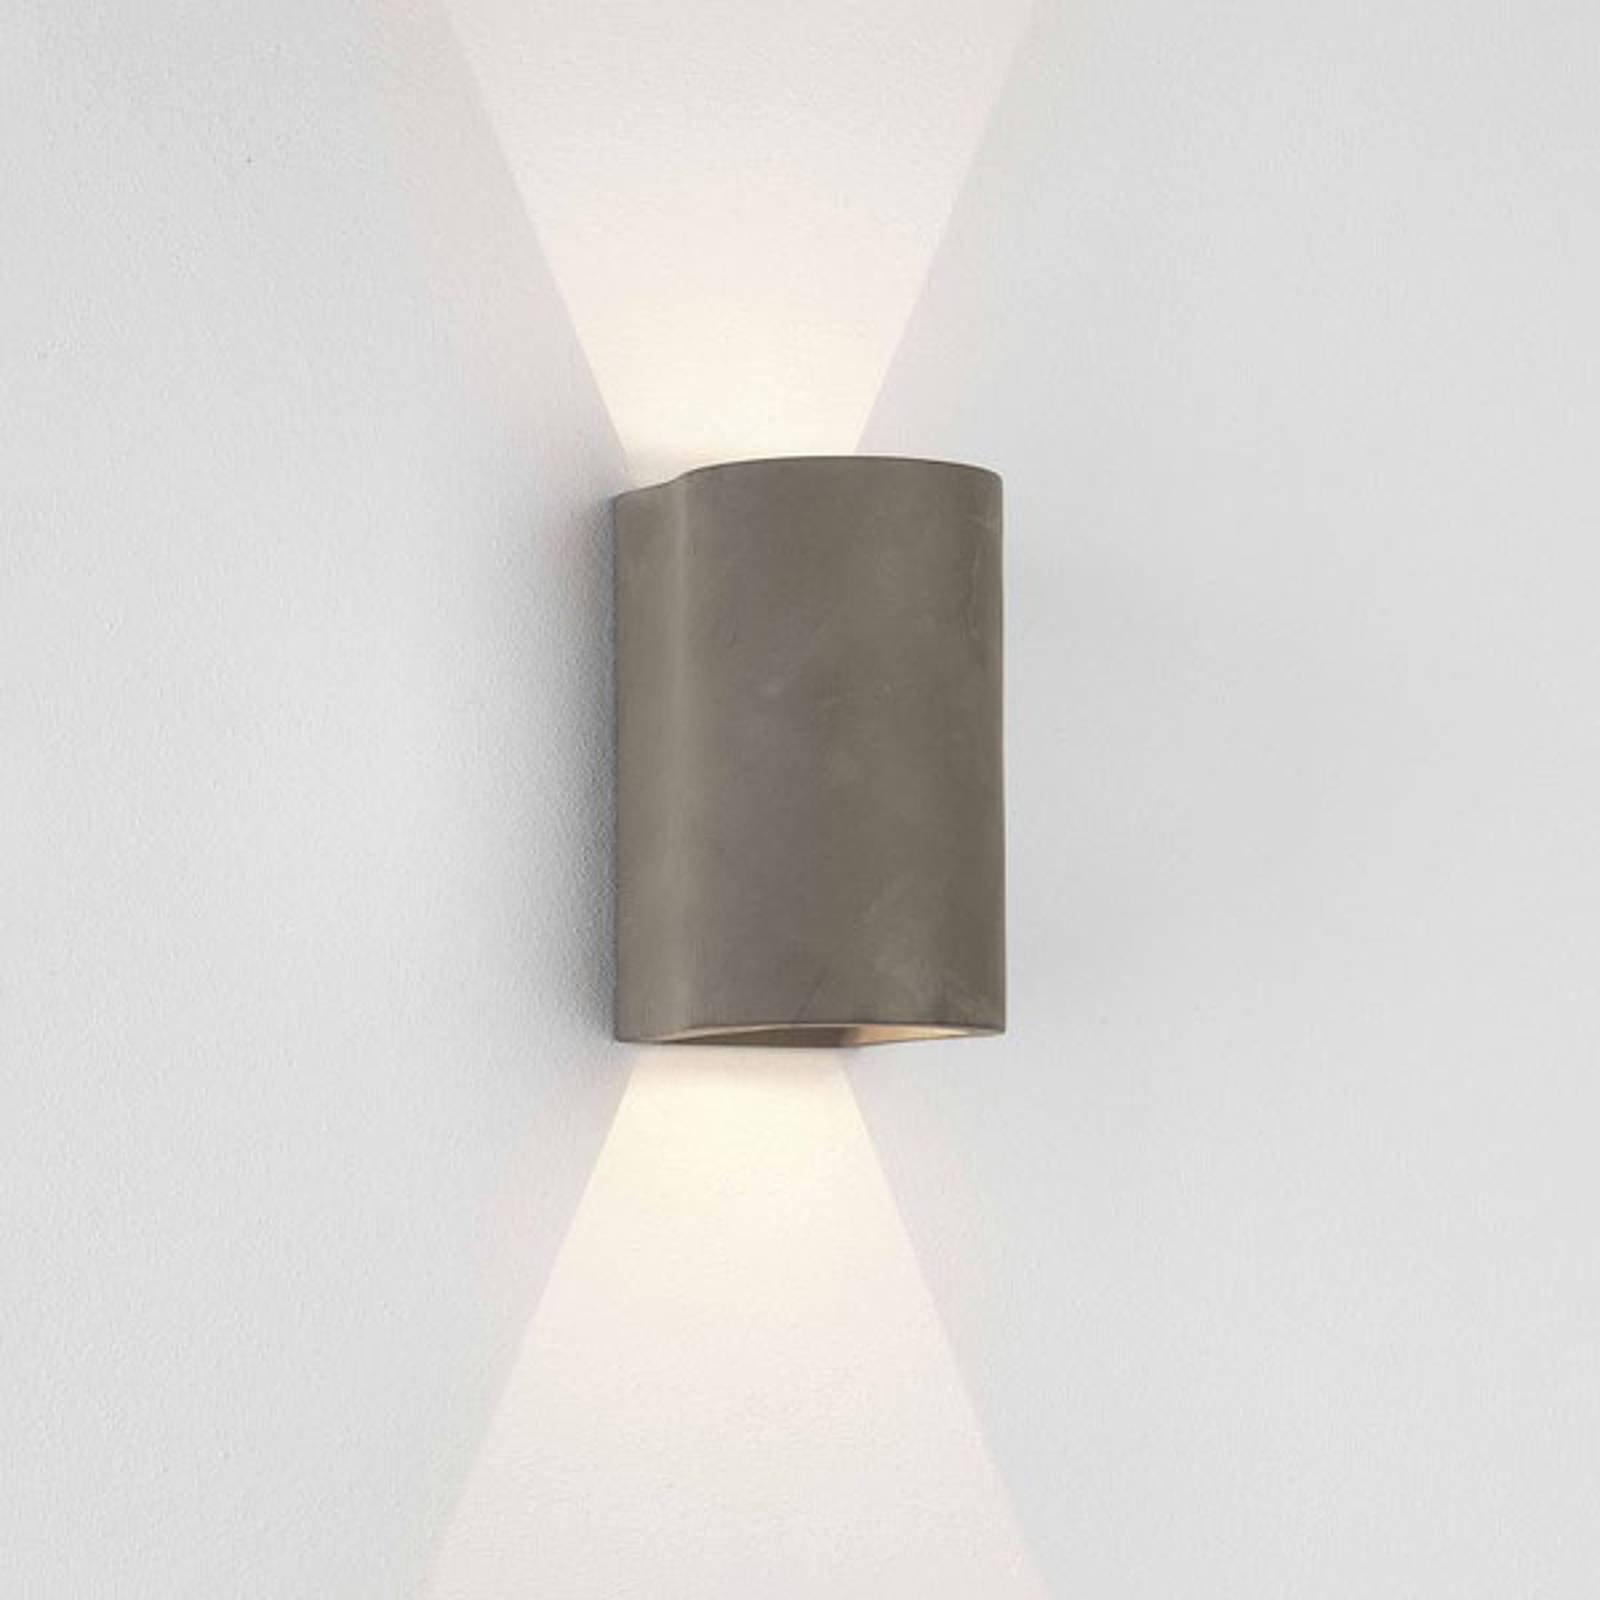 Astro Dunbar utendørs LED-vegglampe, 2 lyskilder